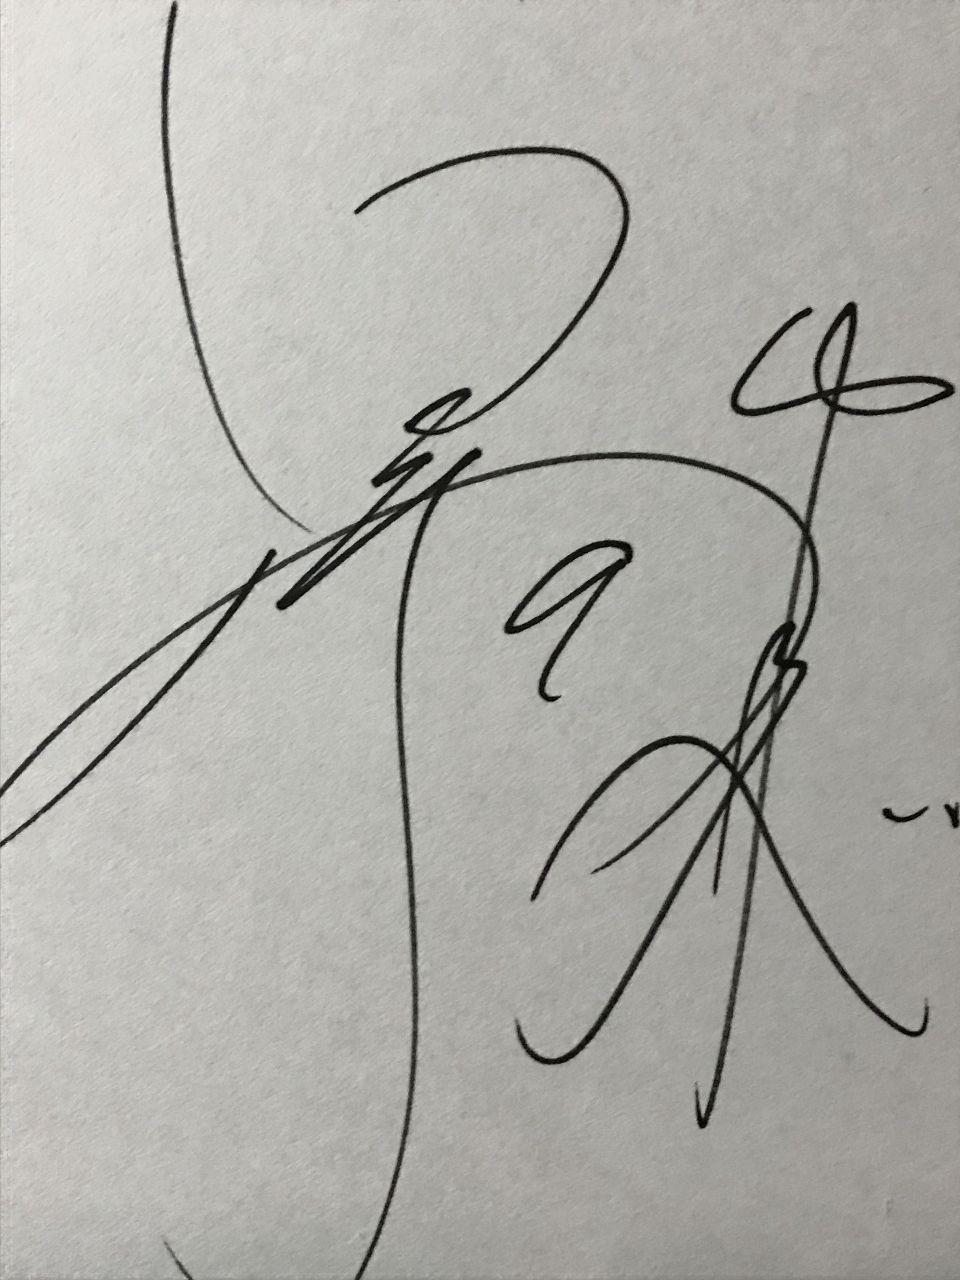 新【観戦記】★住所は東京ドーム★ これは野本圭  別名  三振k   自筆だよ  寮でもらった